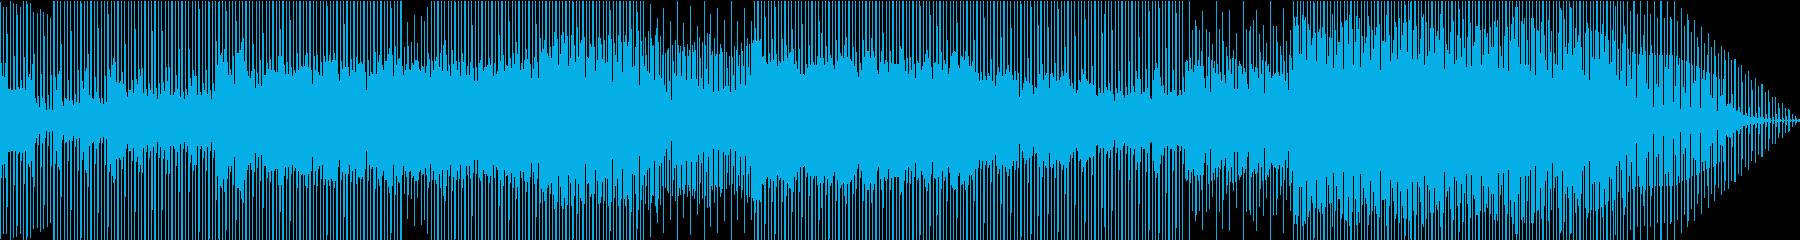 クラブダンス風パーティーミュージックの再生済みの波形